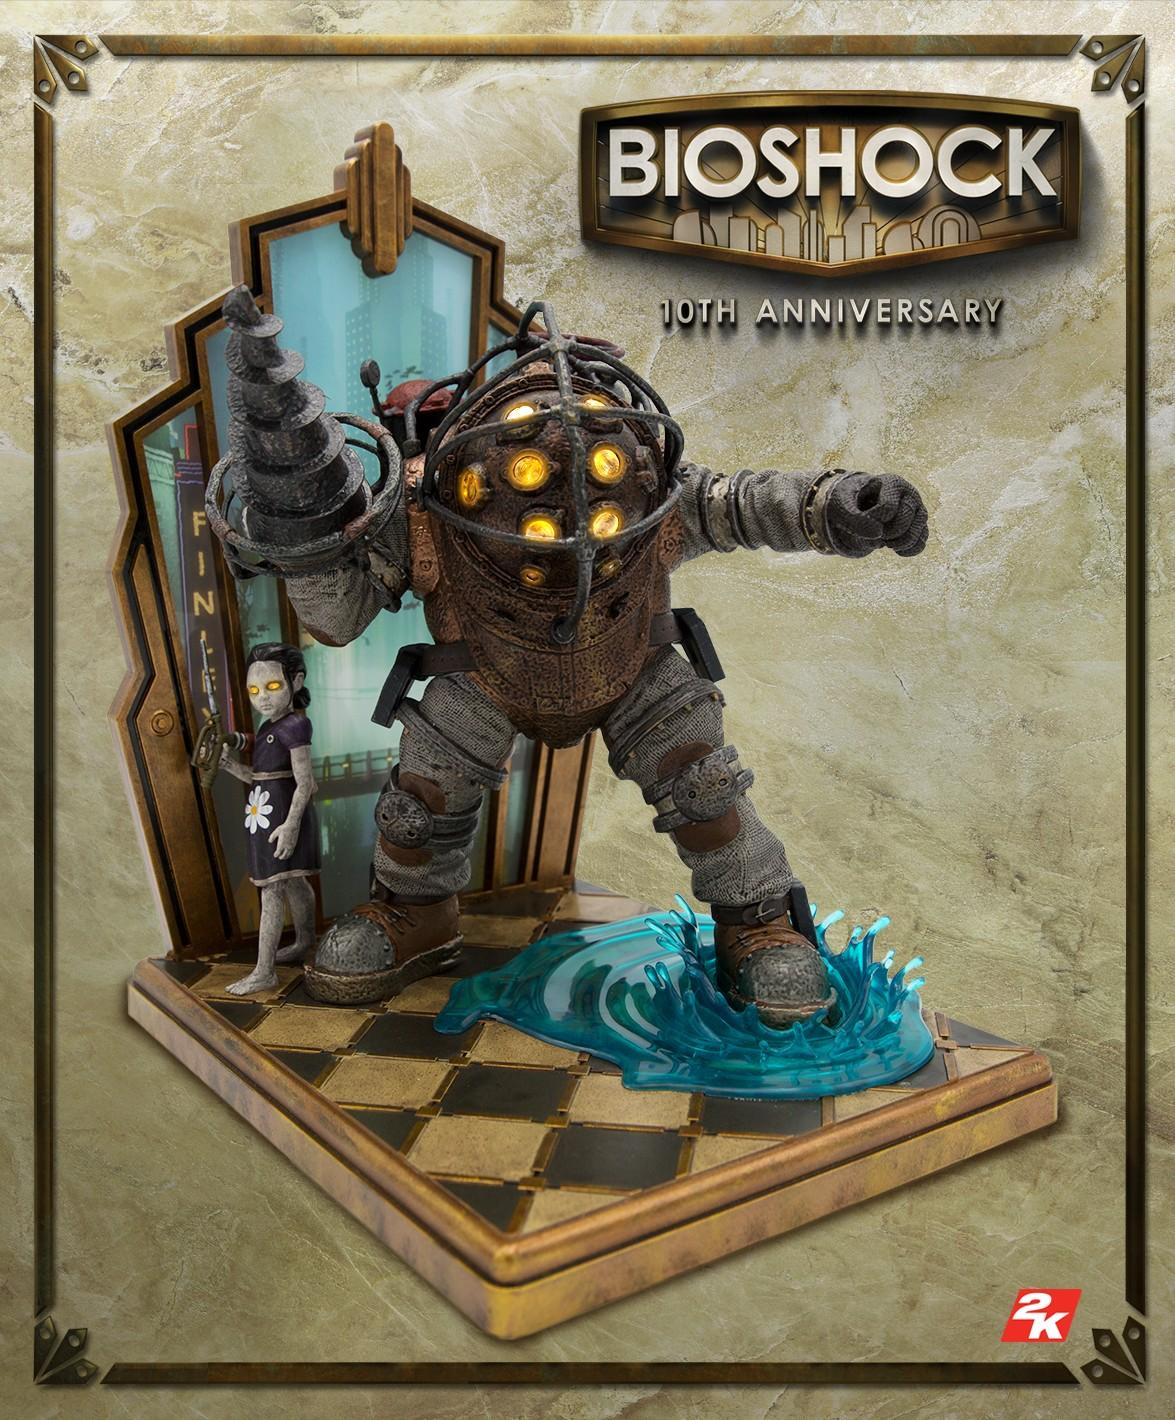 تماشا کنید: معرفی یک نسخه کالکتور ویژه برای عنوان BioShock بهمناسبت سالگرد 10 سالگی این بازی